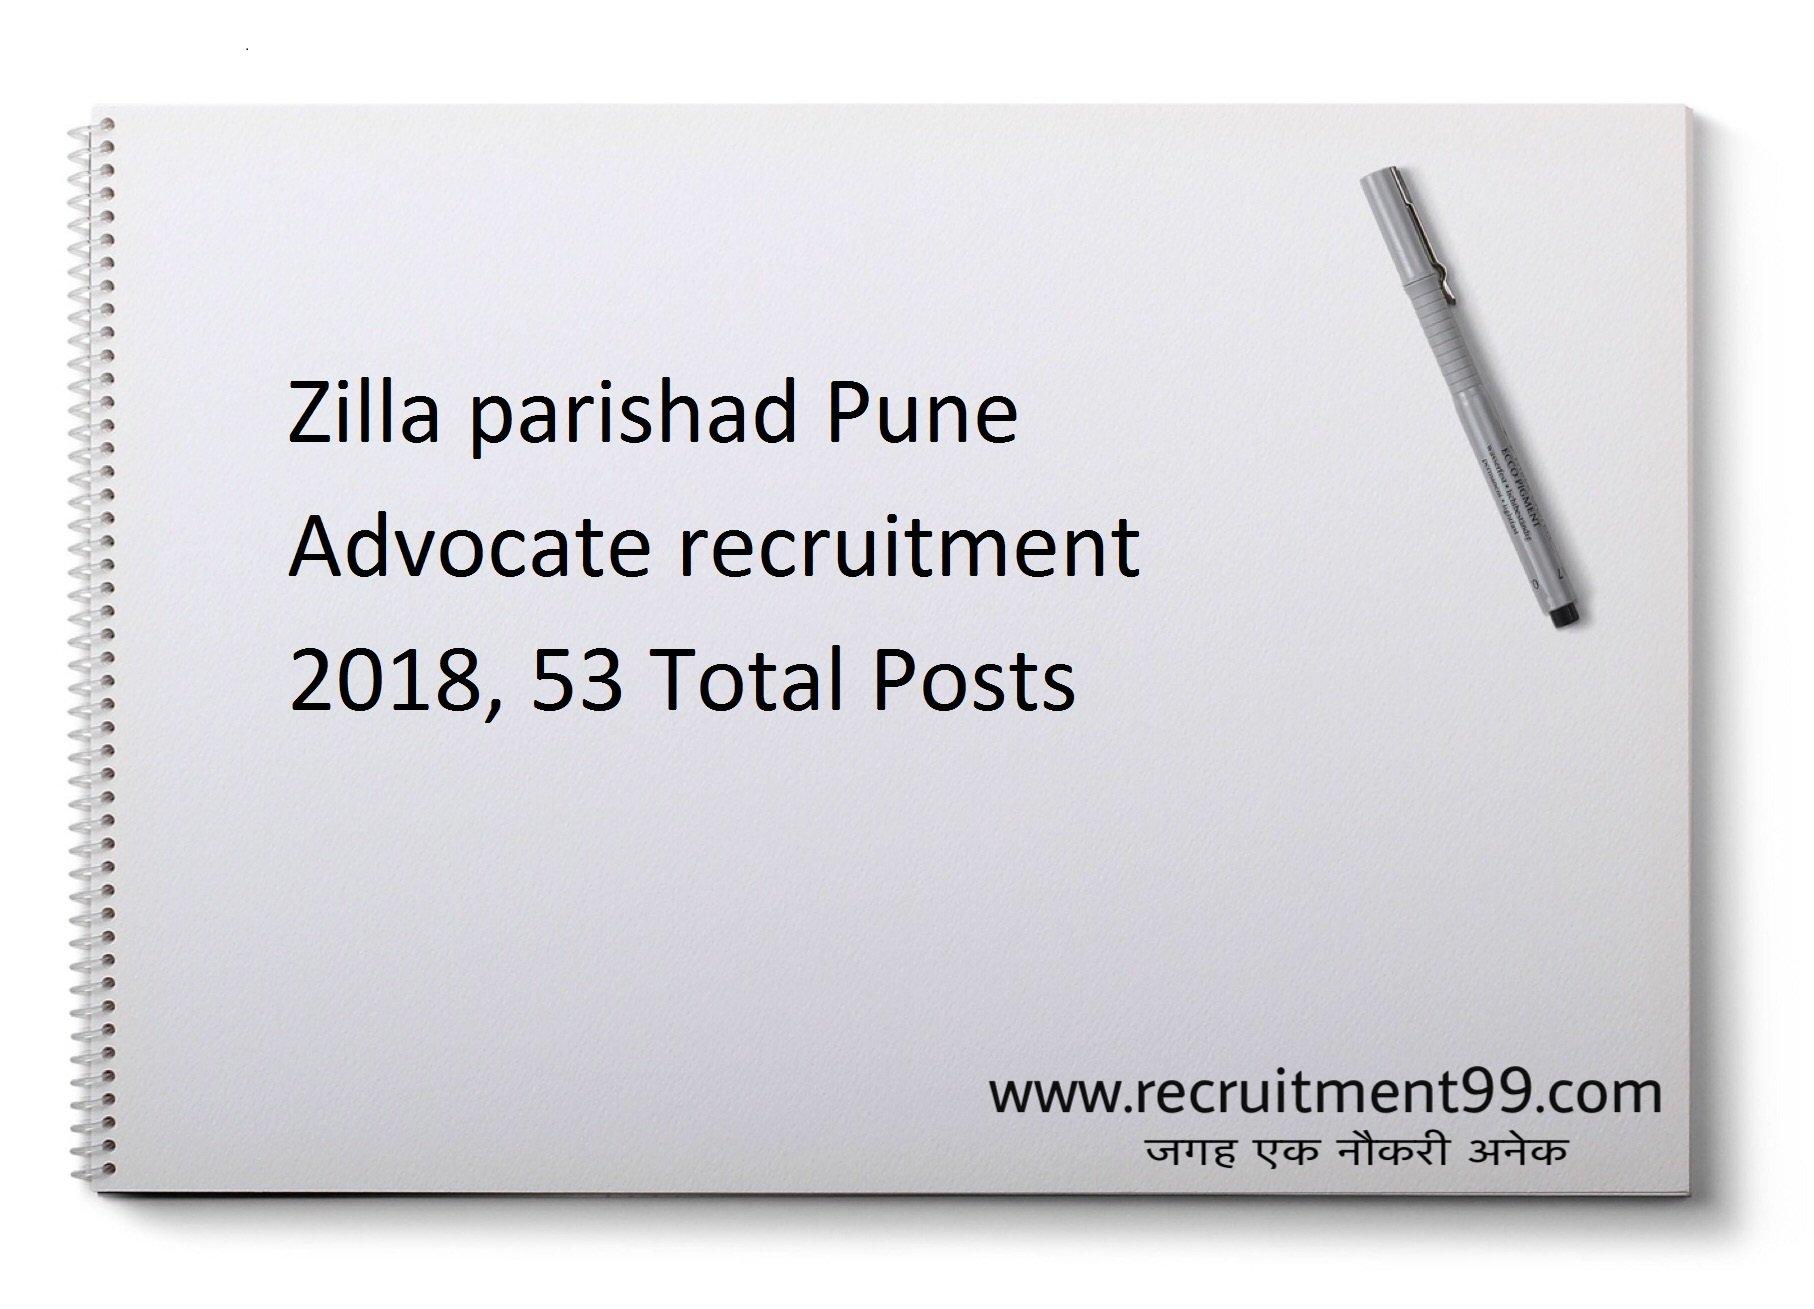 Zilla Parishad Pune Recruitment 2018 - Advocate 53 Posts